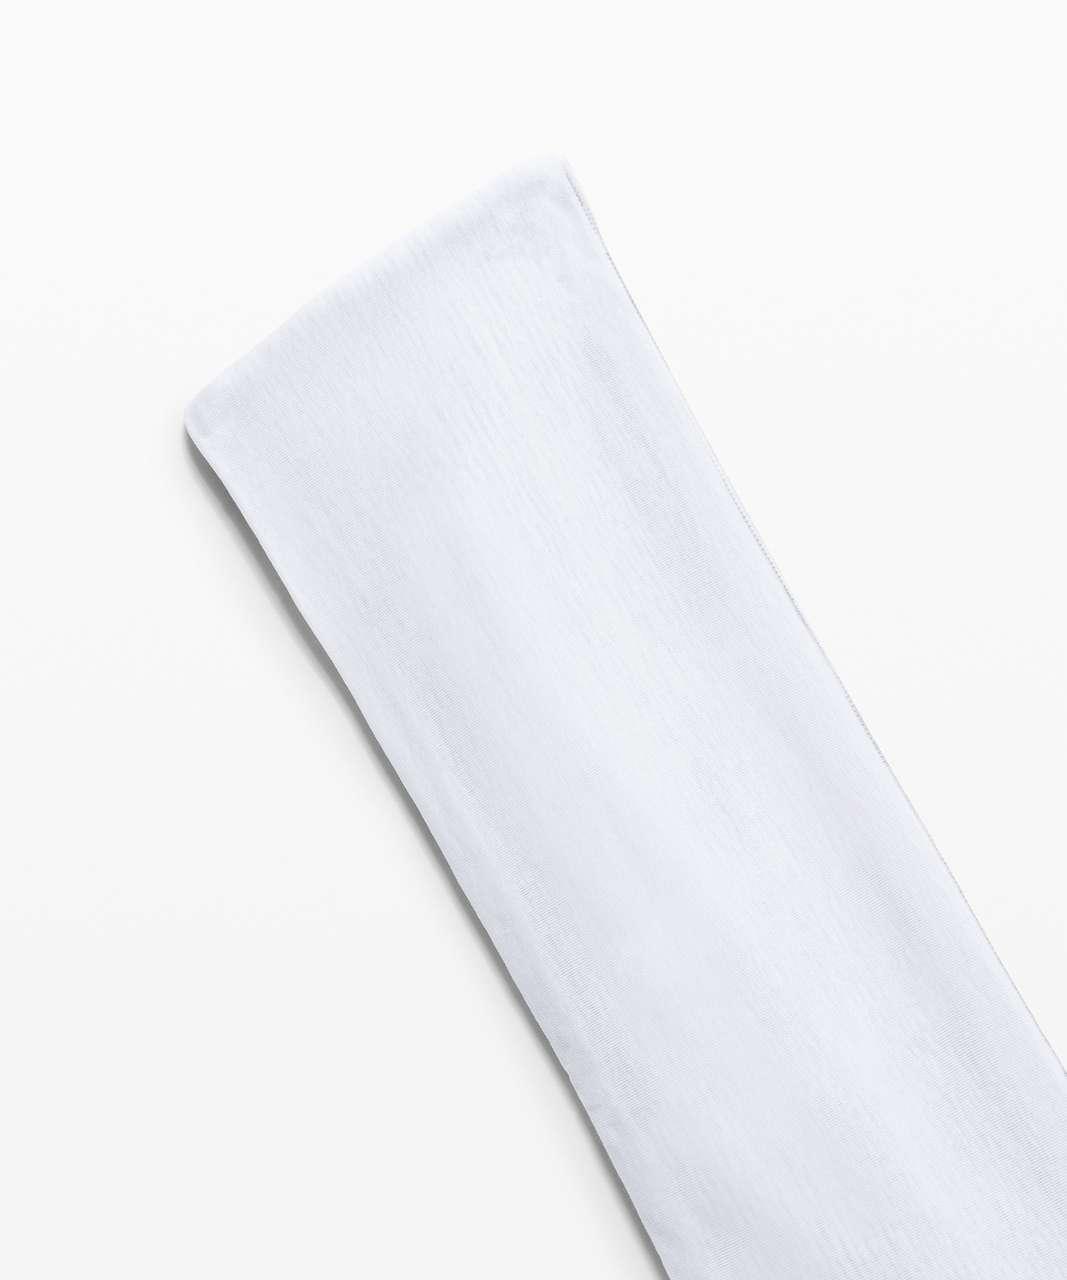 Lululemon Fringe Fighter Headband - Wee Are From Space Nimbus Battleship / White